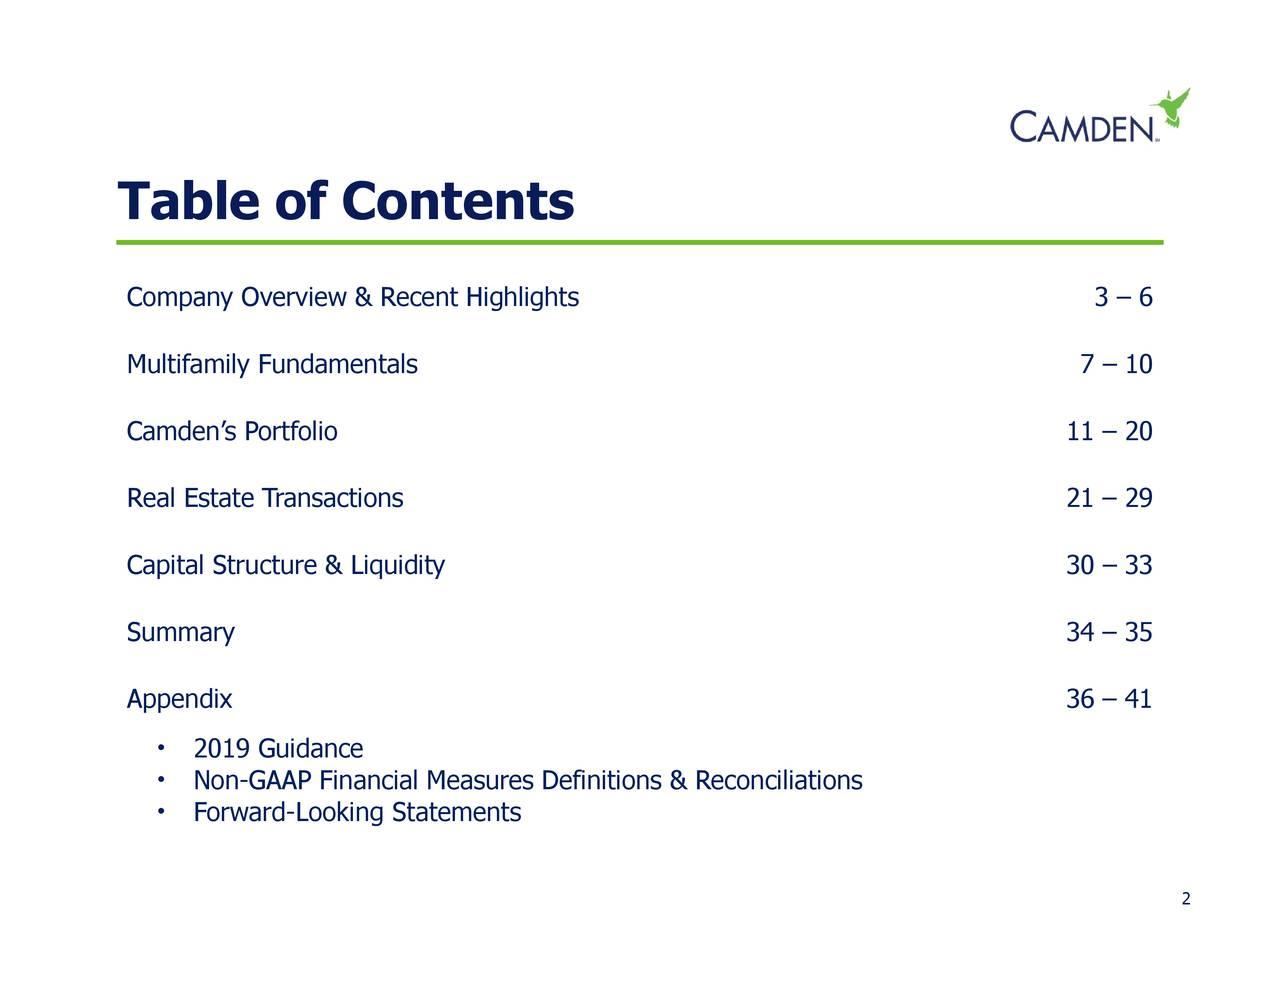 34 – 356 – 41 0N9oGurAAPcFiookciglMtatsuresDefinitions & Reconciliations • • • Table of ContentsfCaileRn'slosepialumrucAppendixiquidity